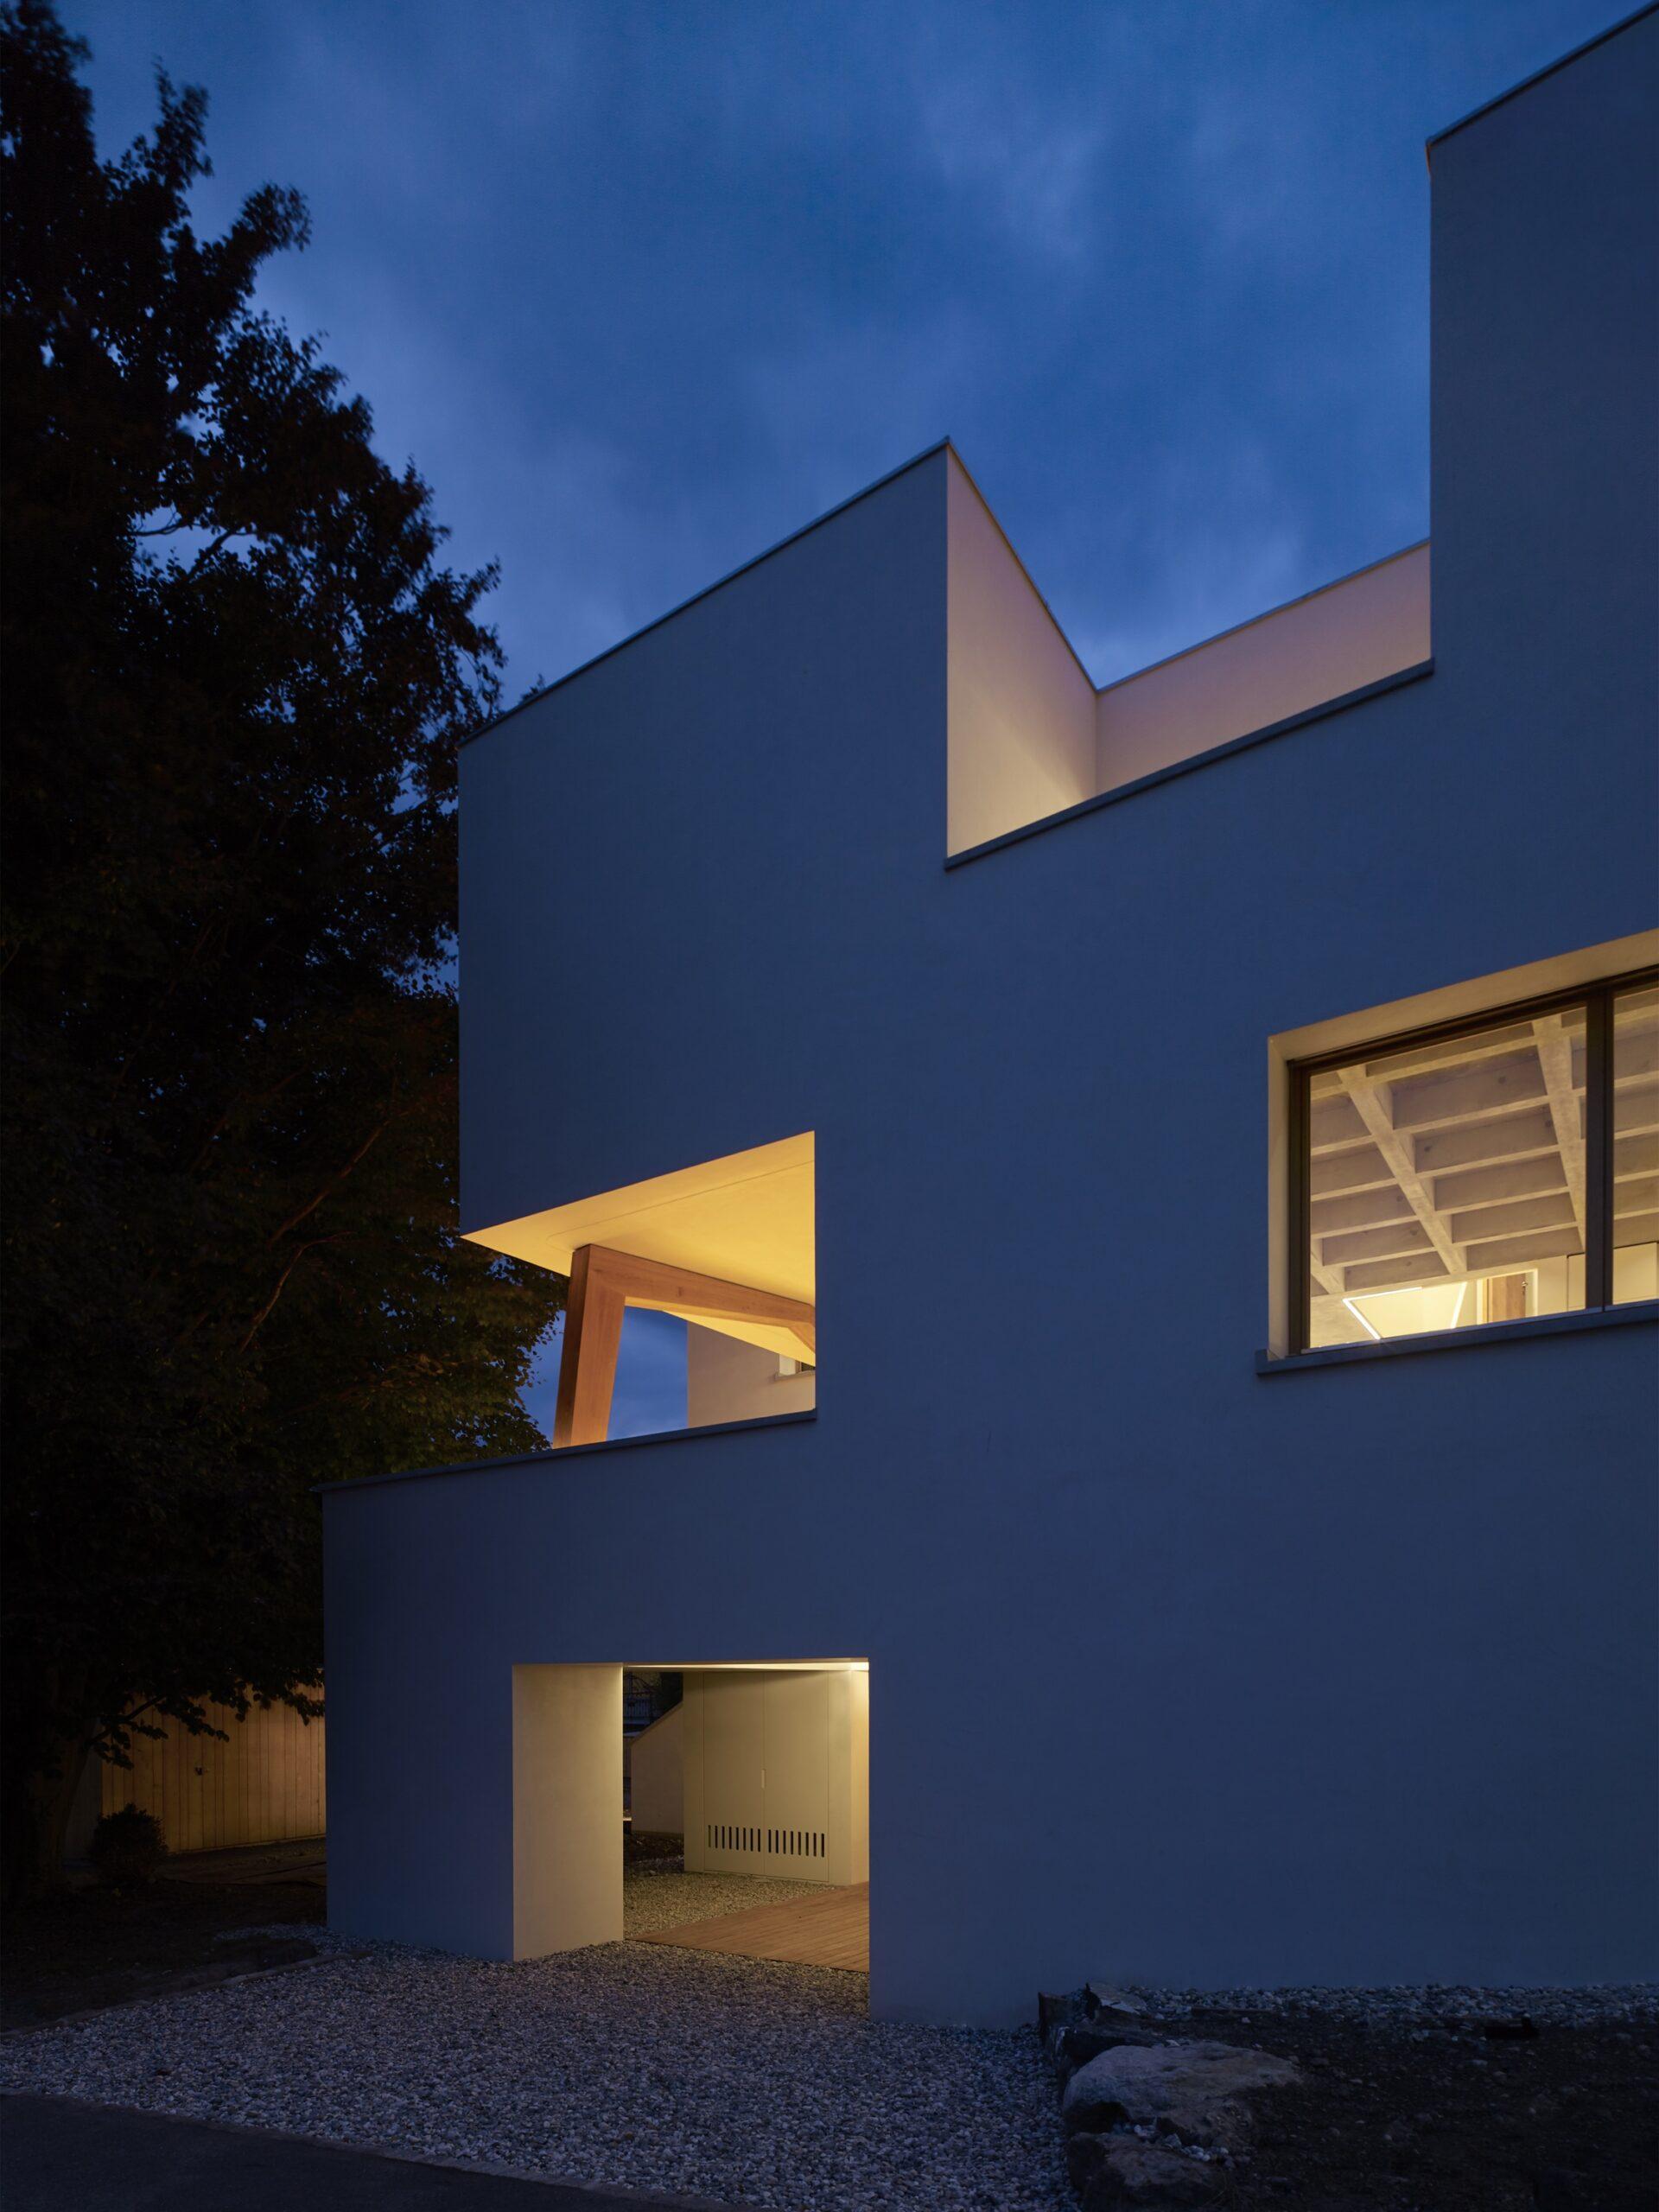 Haus Holdergasse, Fassade bei Nacht, BE Architekten, Olex, Marc Lins